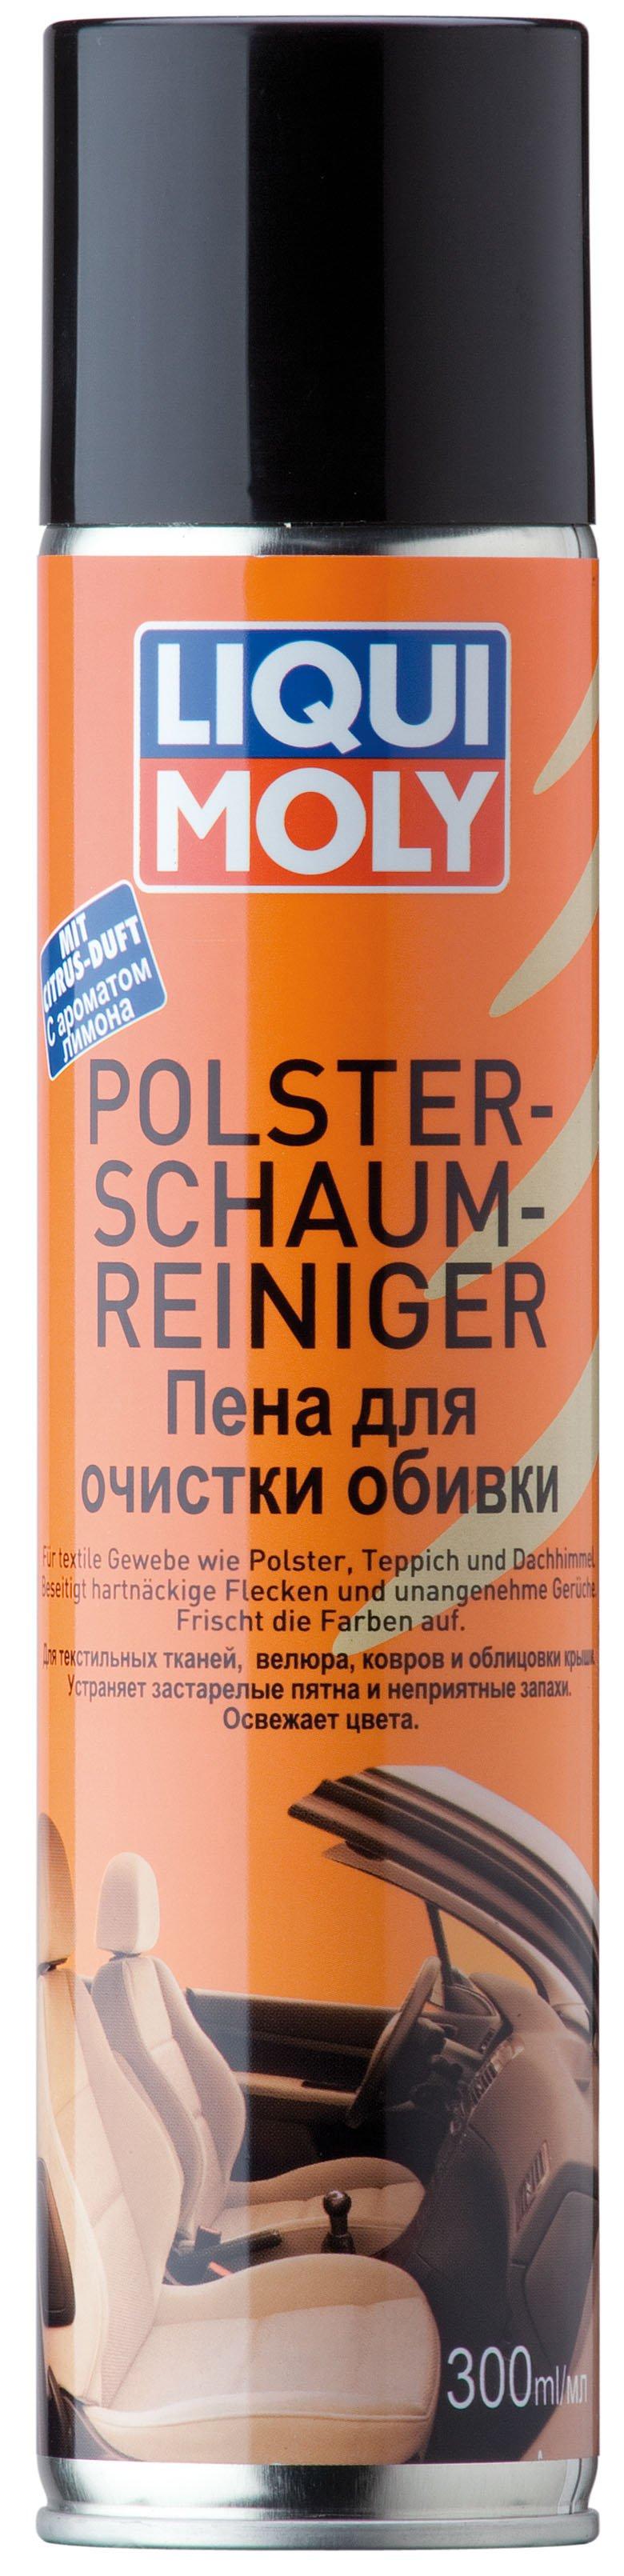 Liqui Moly Polster-Schaum-Reiniger 300 мл